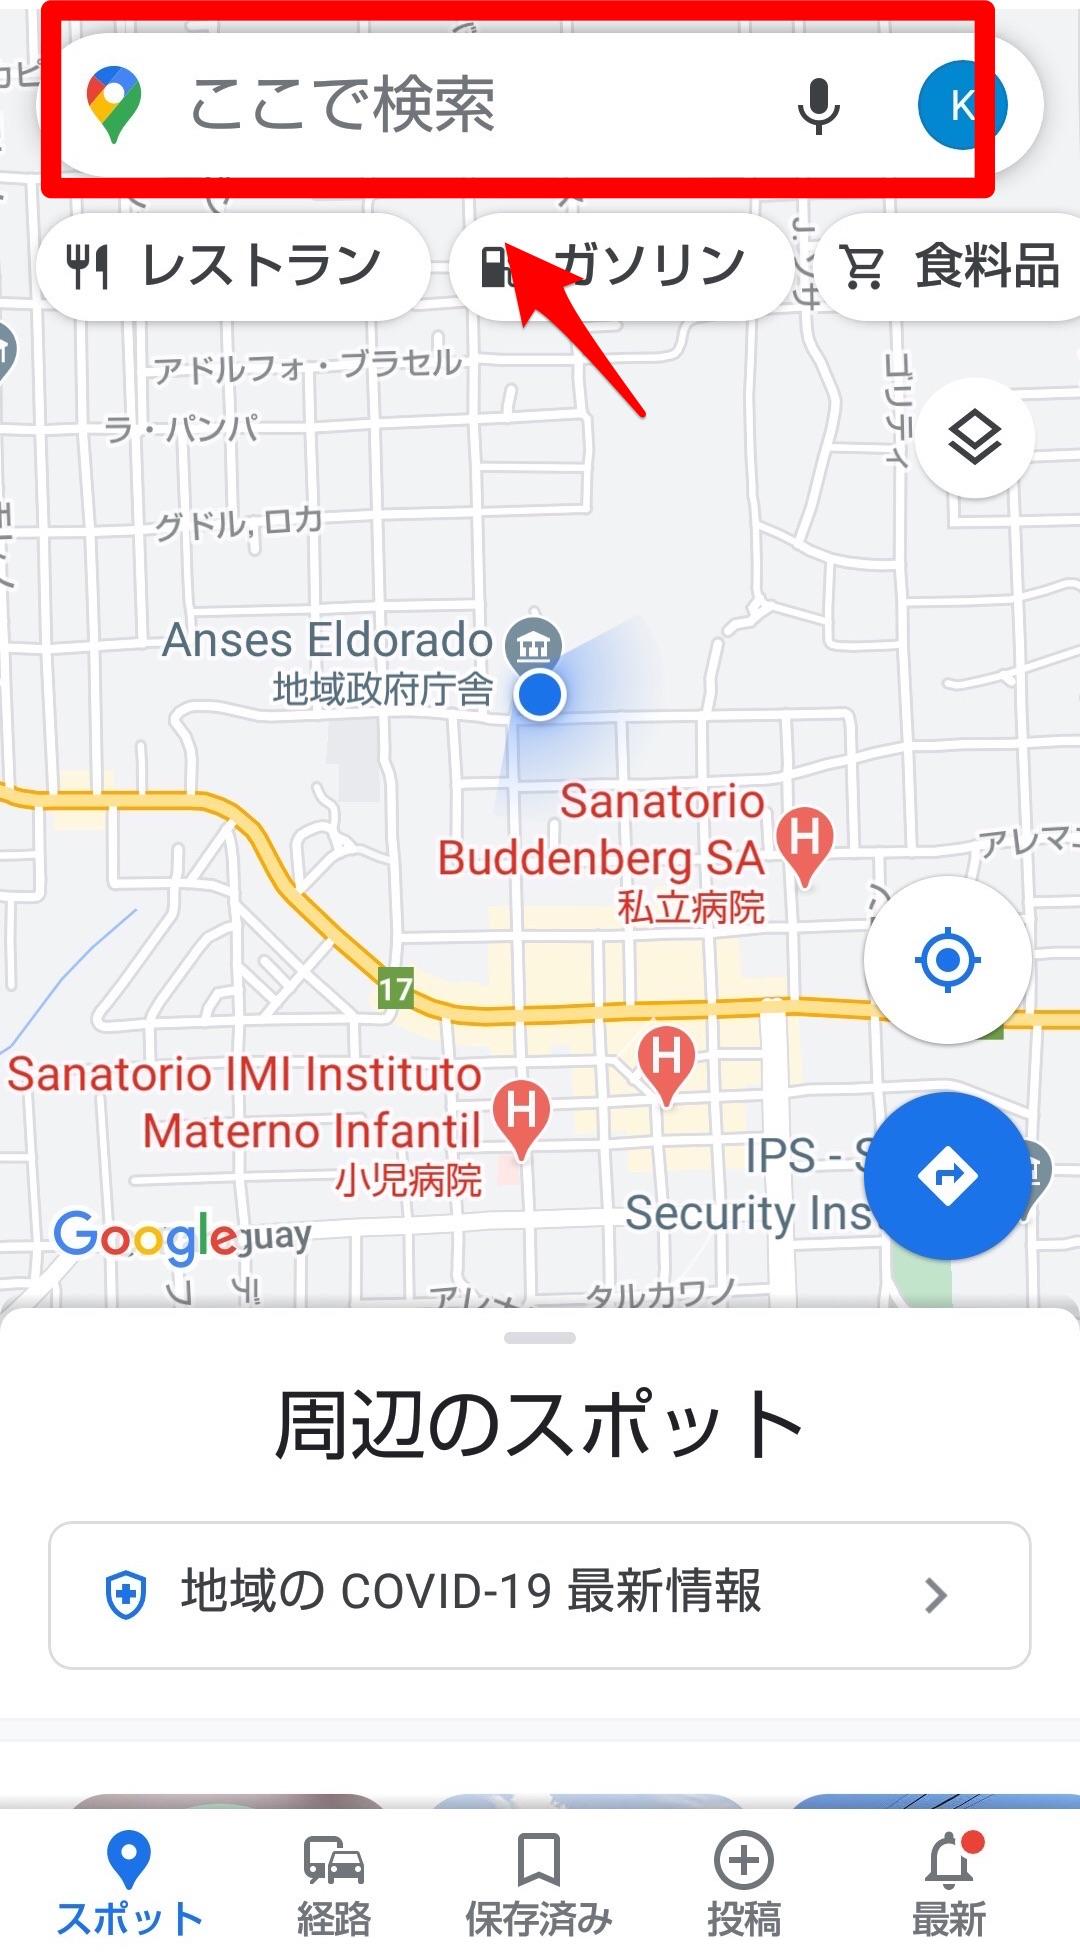 都市名の入力